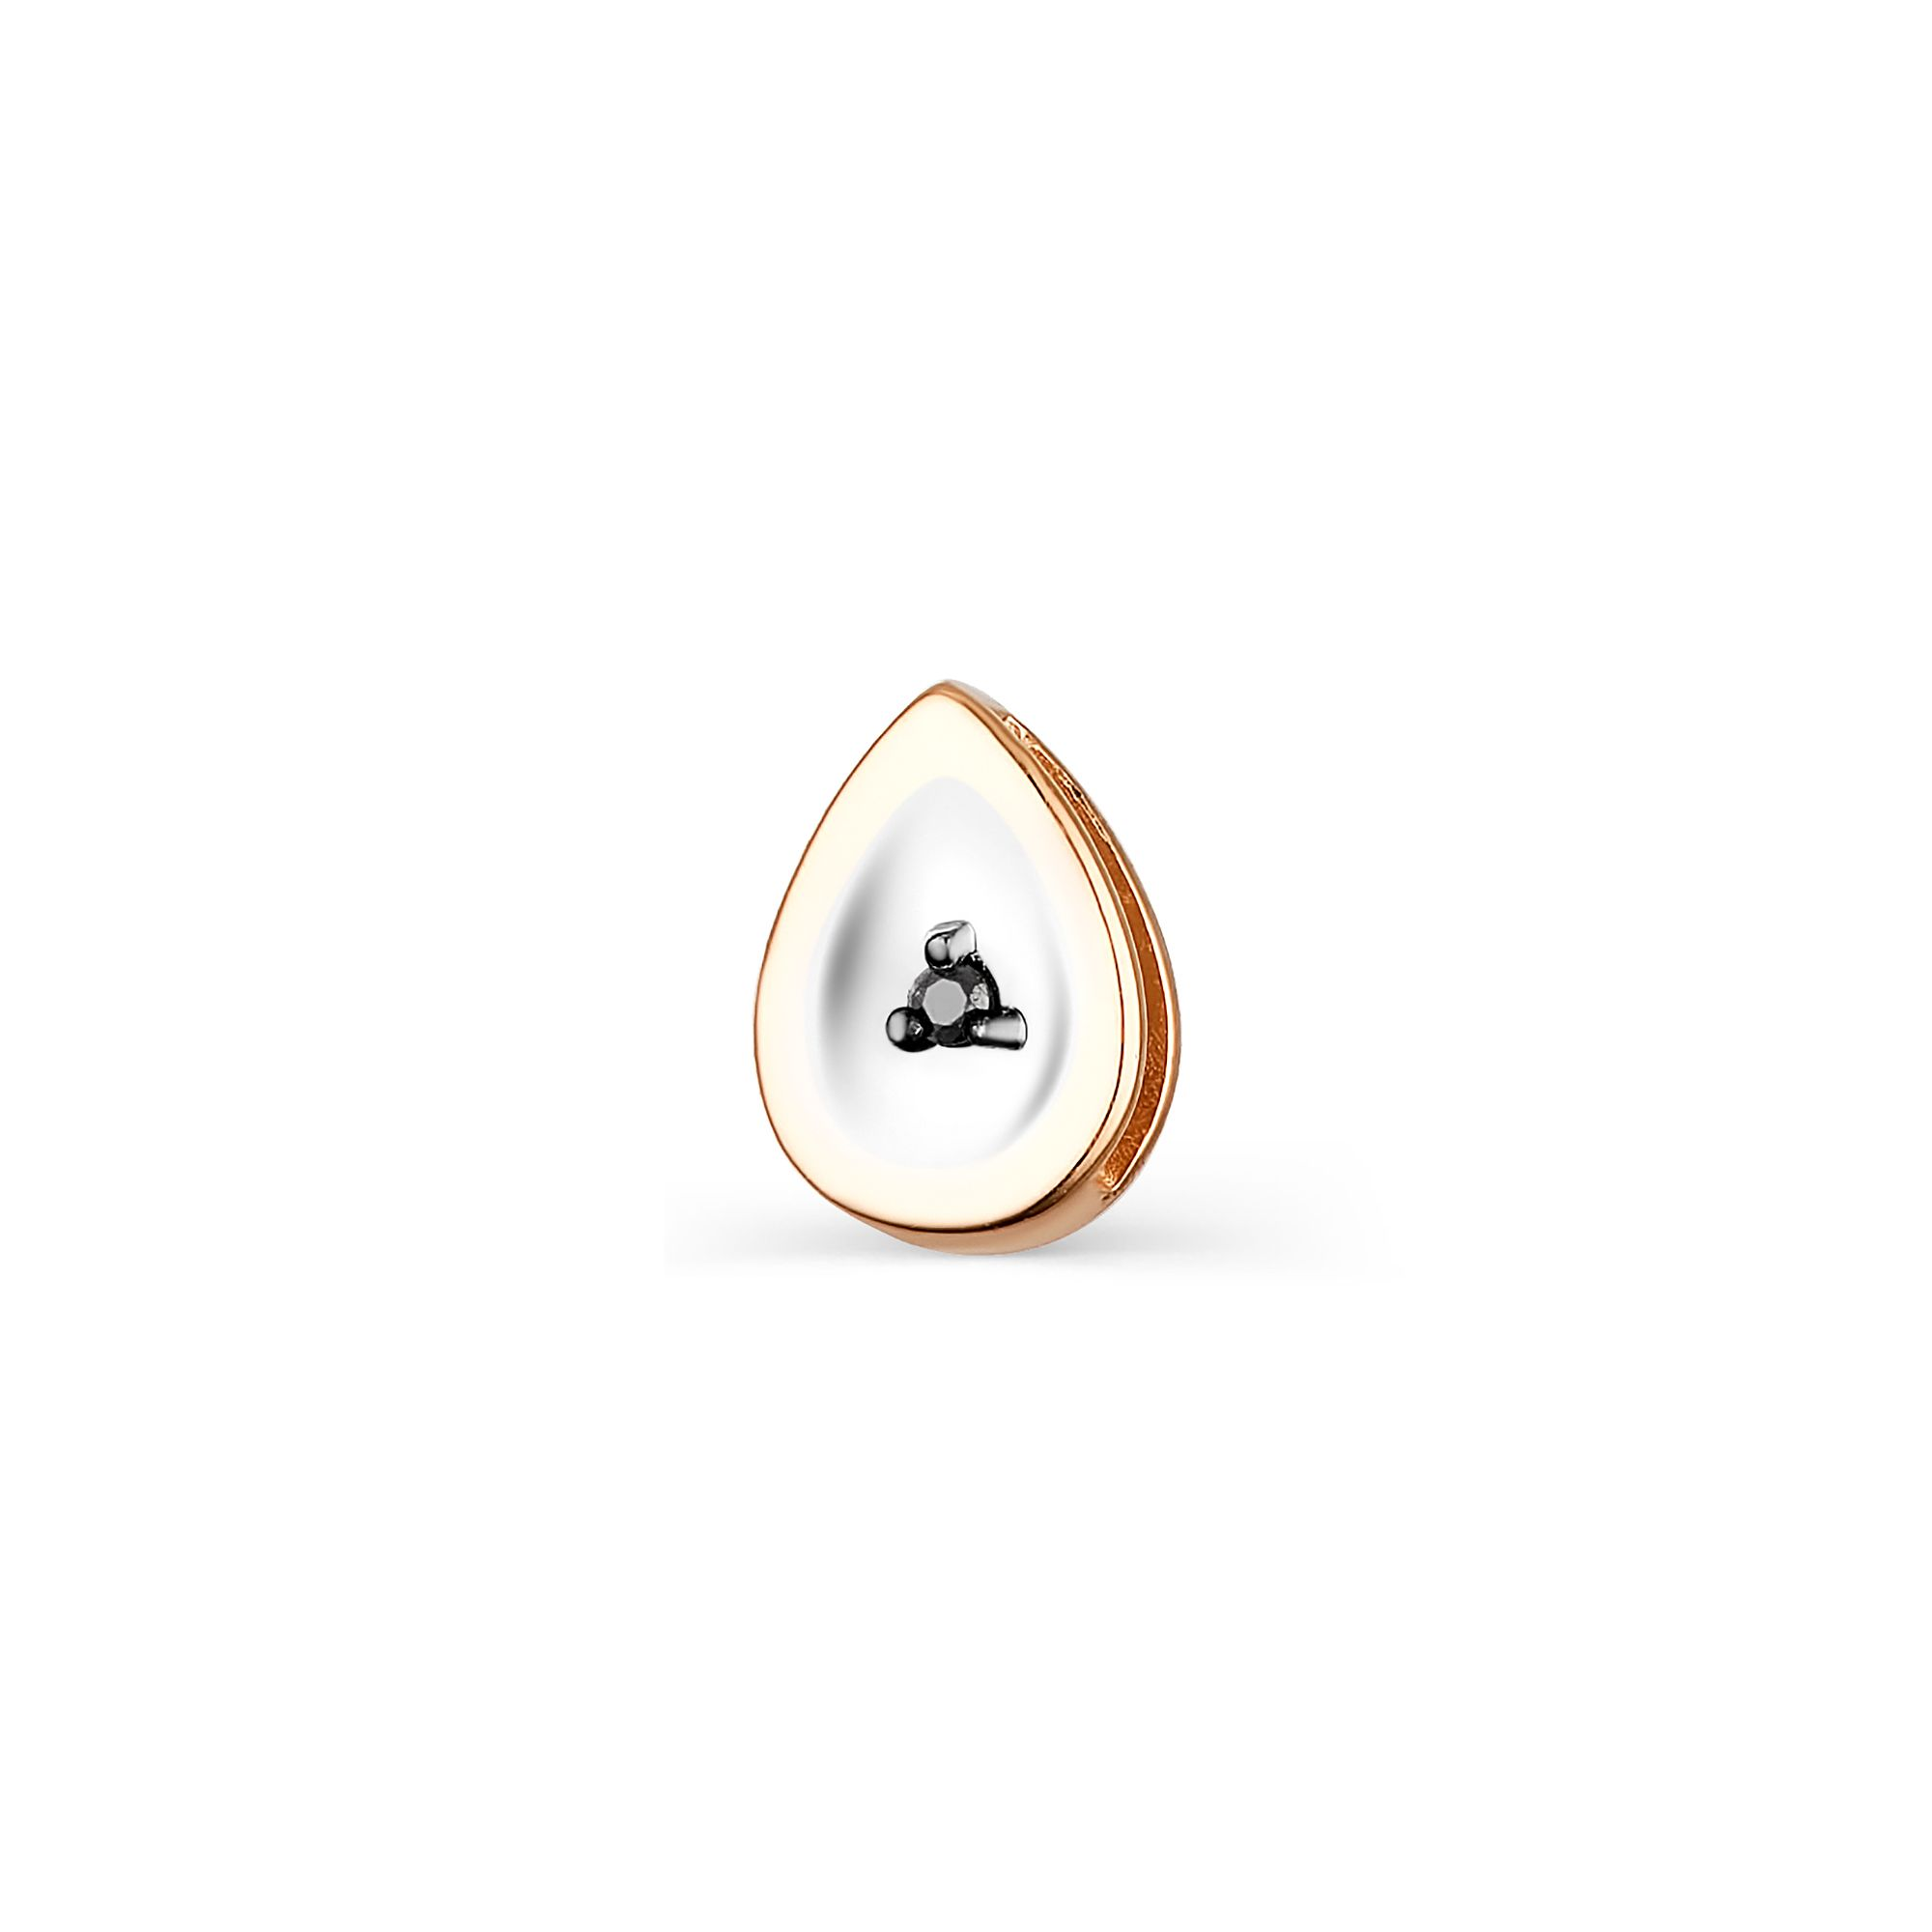 картинка подвеска 33772-113 1 бриллиант черный круг 57 0,004 200-400 7/9а 33772-113